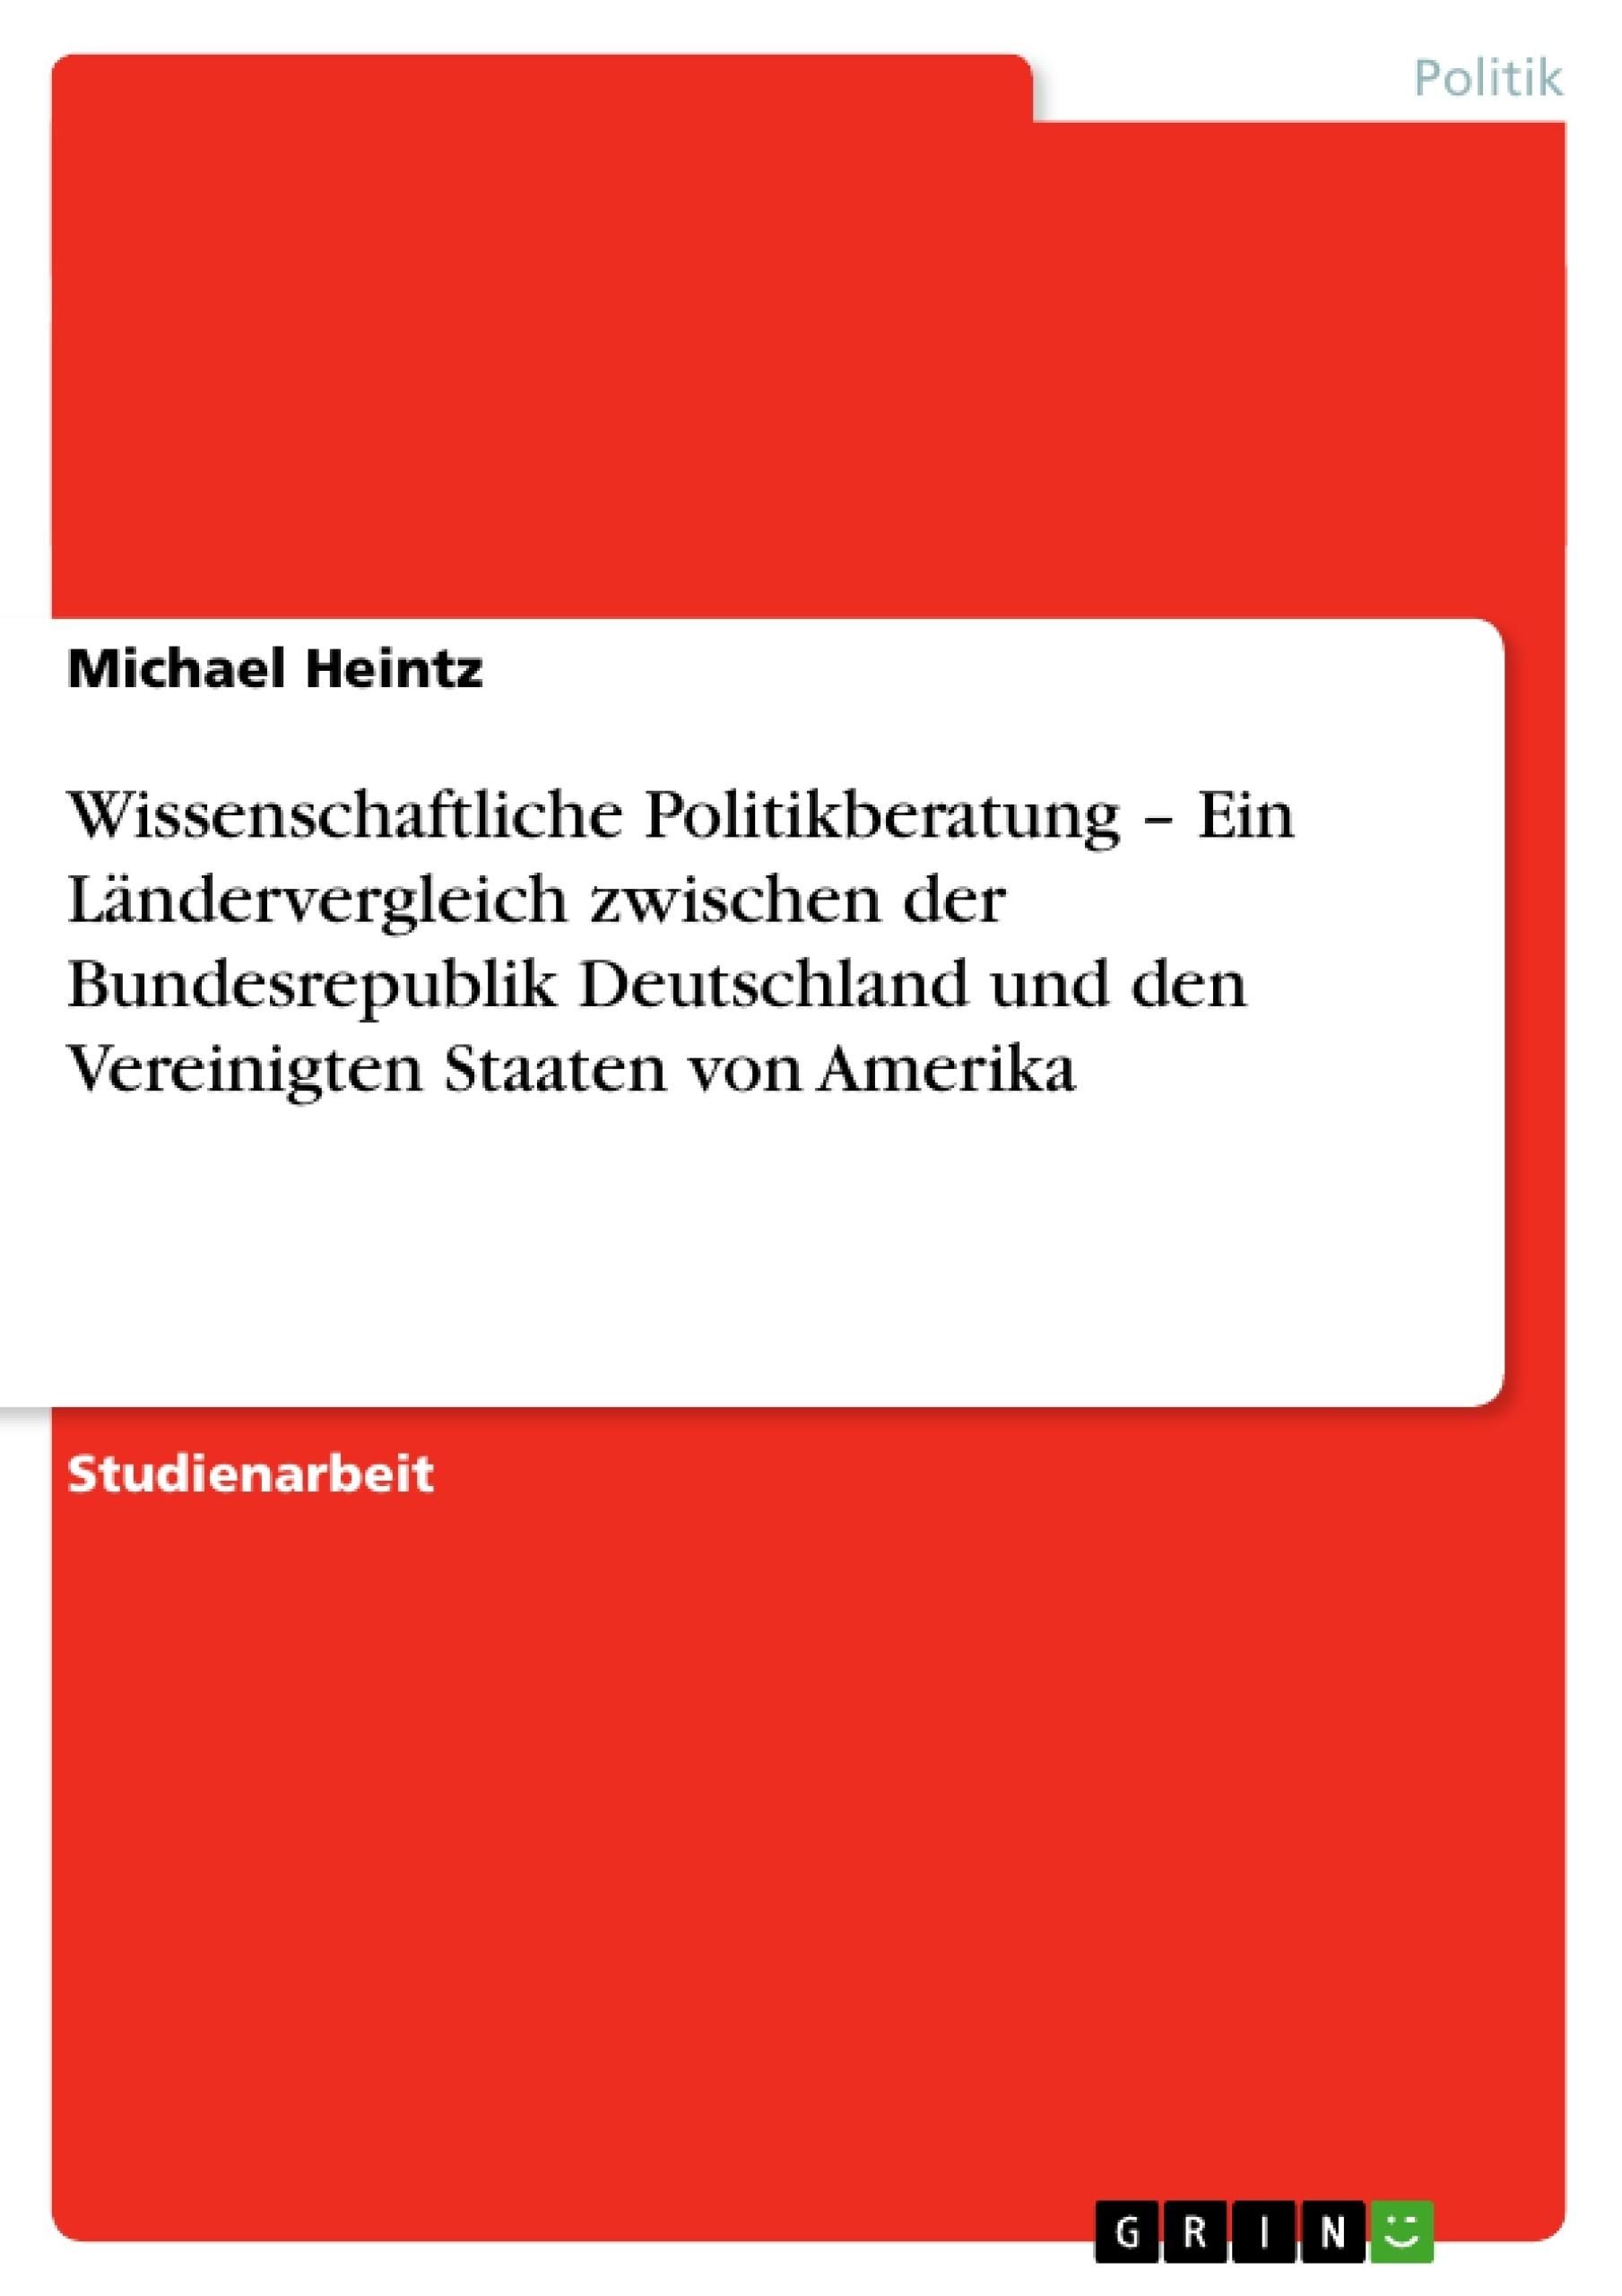 Titel: Wissenschaftliche Politikberatung – Ein Ländervergleich zwischen der Bundesrepublik Deutschland und den Vereinigten Staaten von Amerika